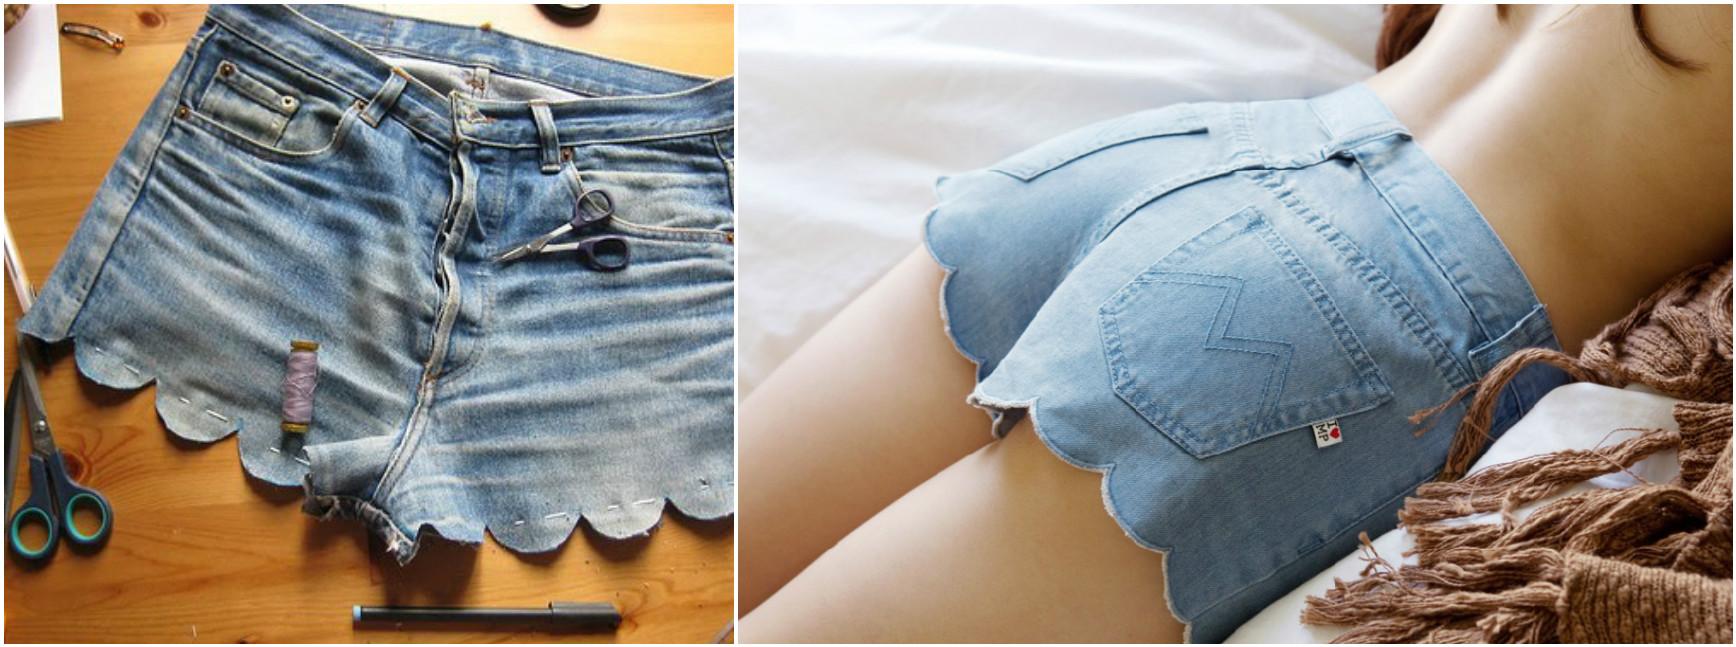 旧牛仔裤还能干什么?86:用6种方法来更新夏季短裤 - maomao - 我随心动